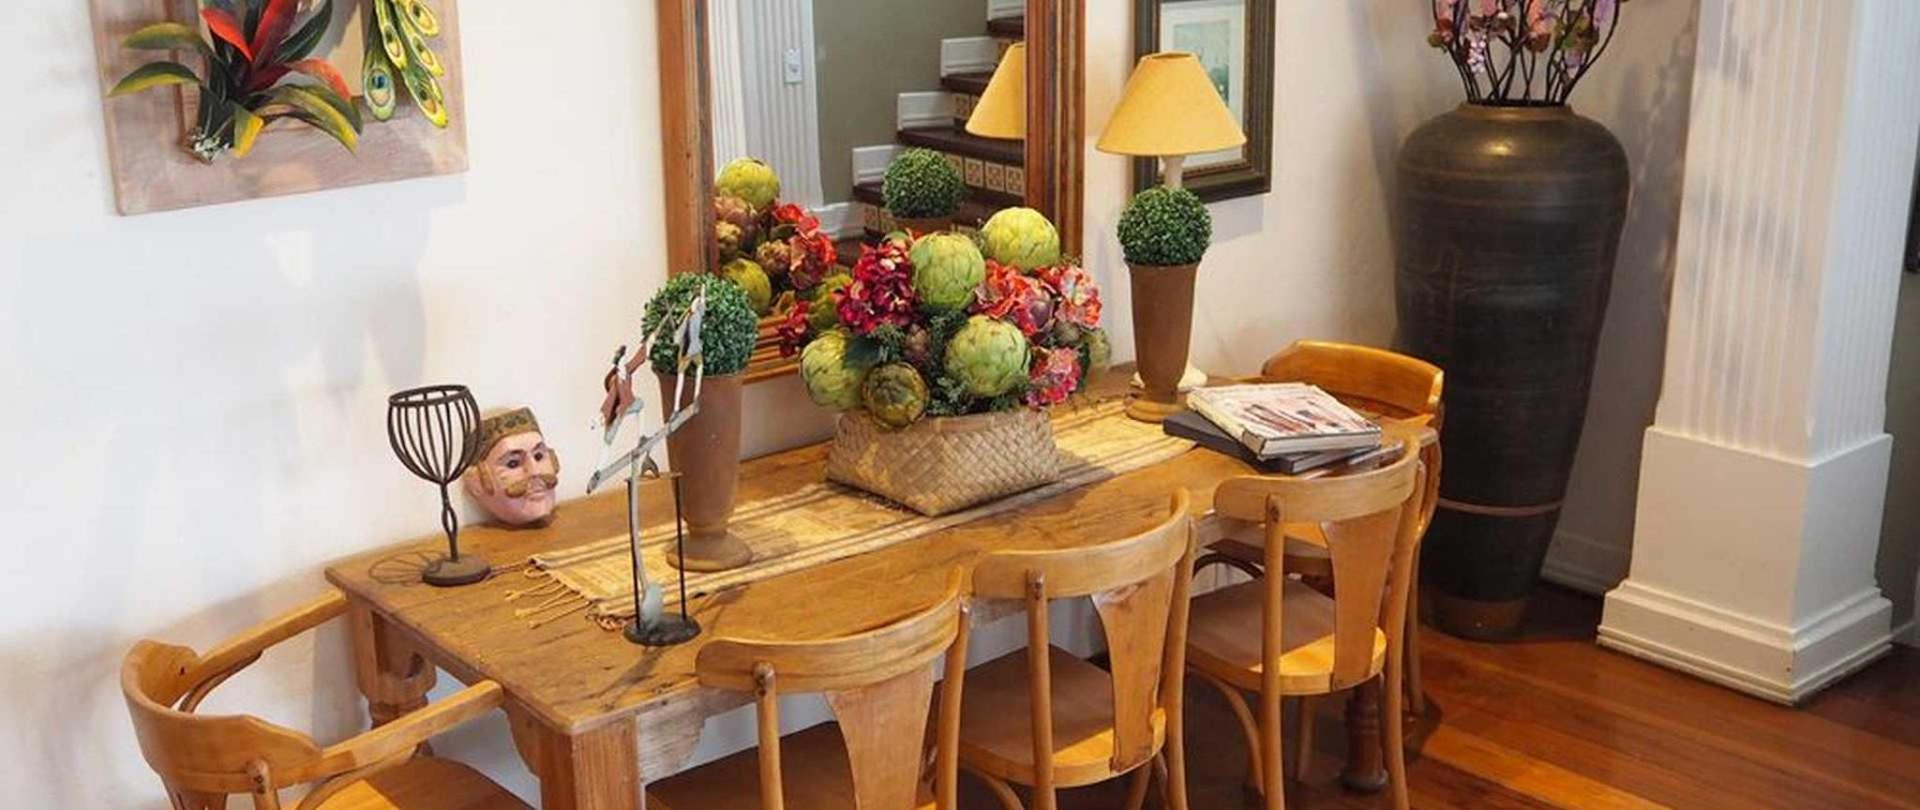 sala-fiori-4-ca-pia.jpg.1920x810_default.jpeg